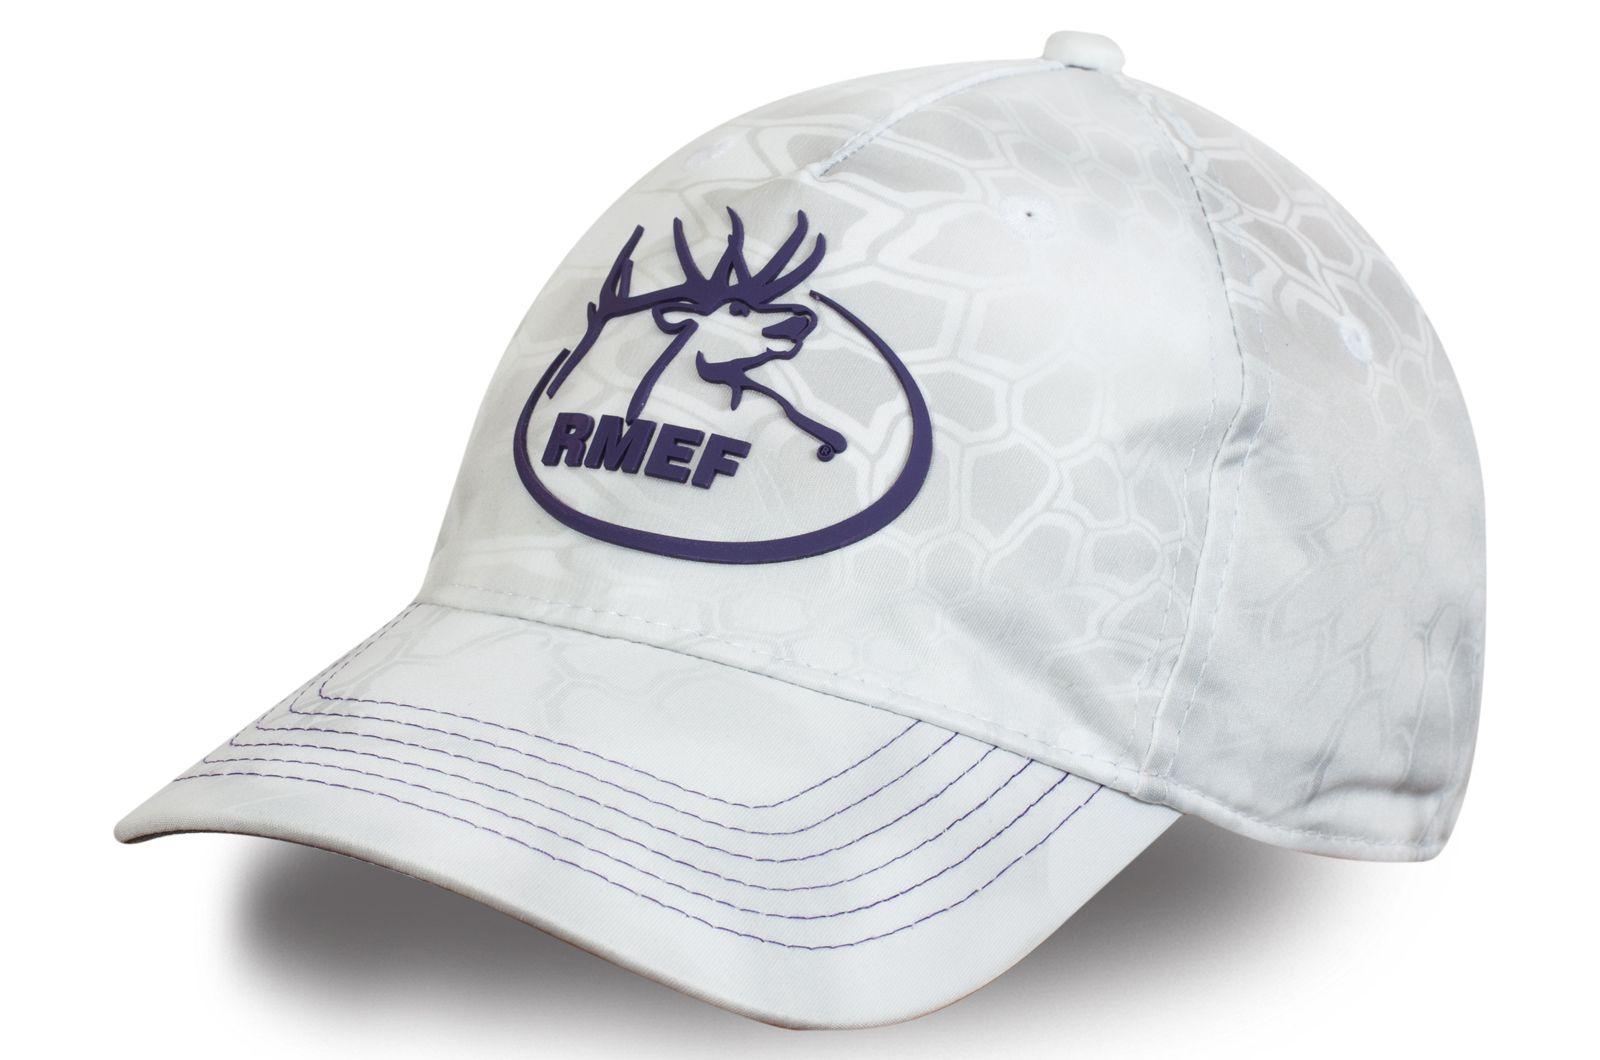 Бейсболка белый Kryptek | Купить бейсболку с логотипом